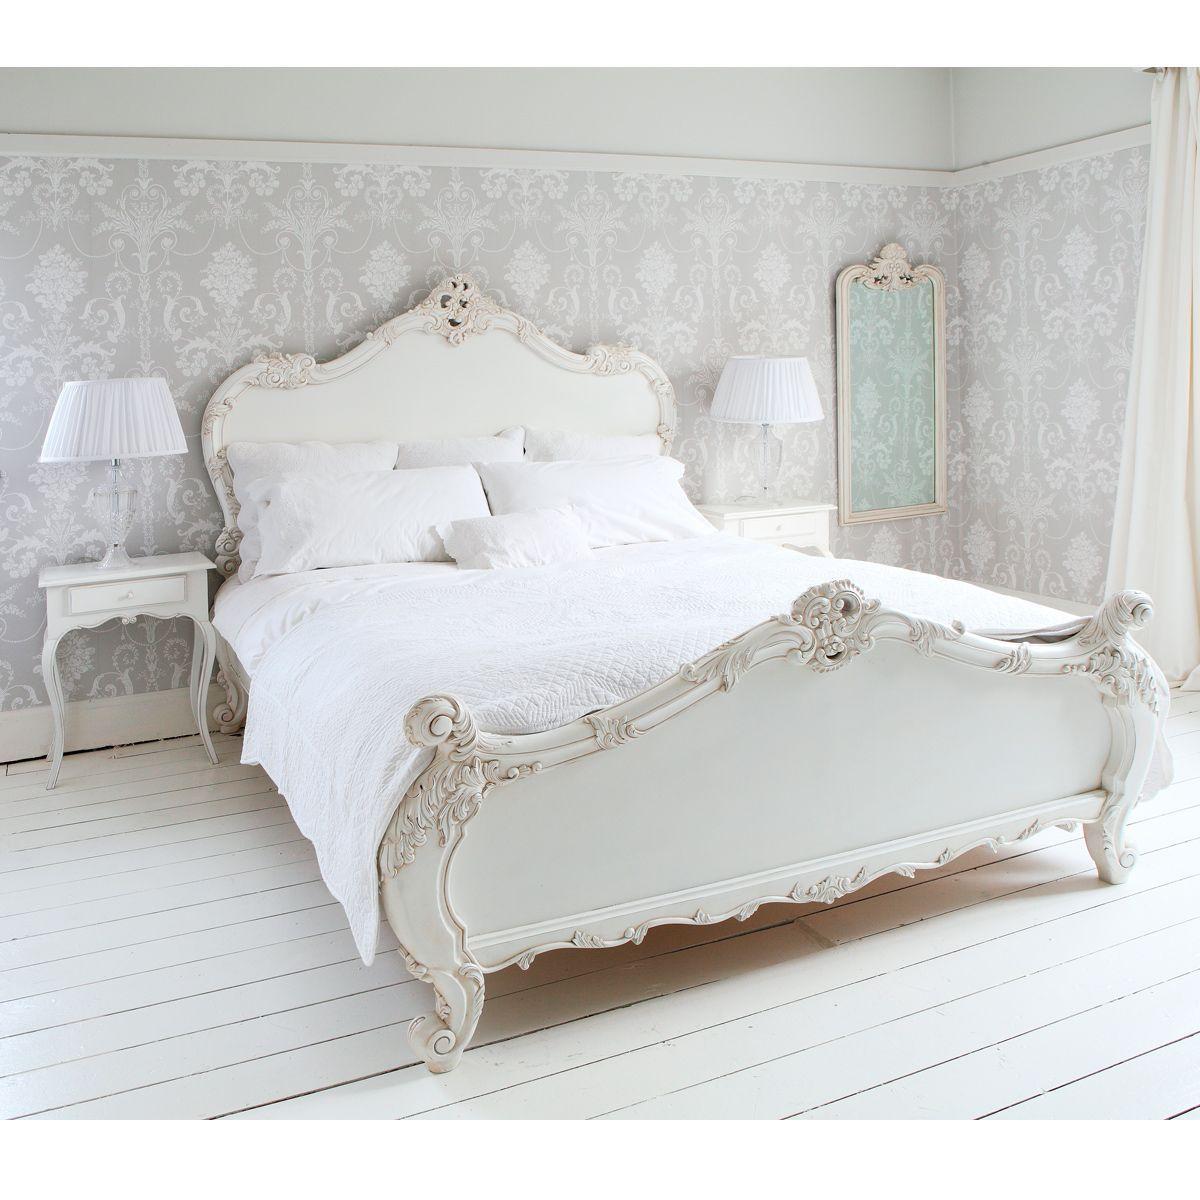 Full Size of Französische Betten New Provencal Sassy White French Bed Beds Ruf Preise De Ikea 160x200 Paradies Günstige Antike München Mit Bettkasten Breckle Nolte Bett Französische Betten